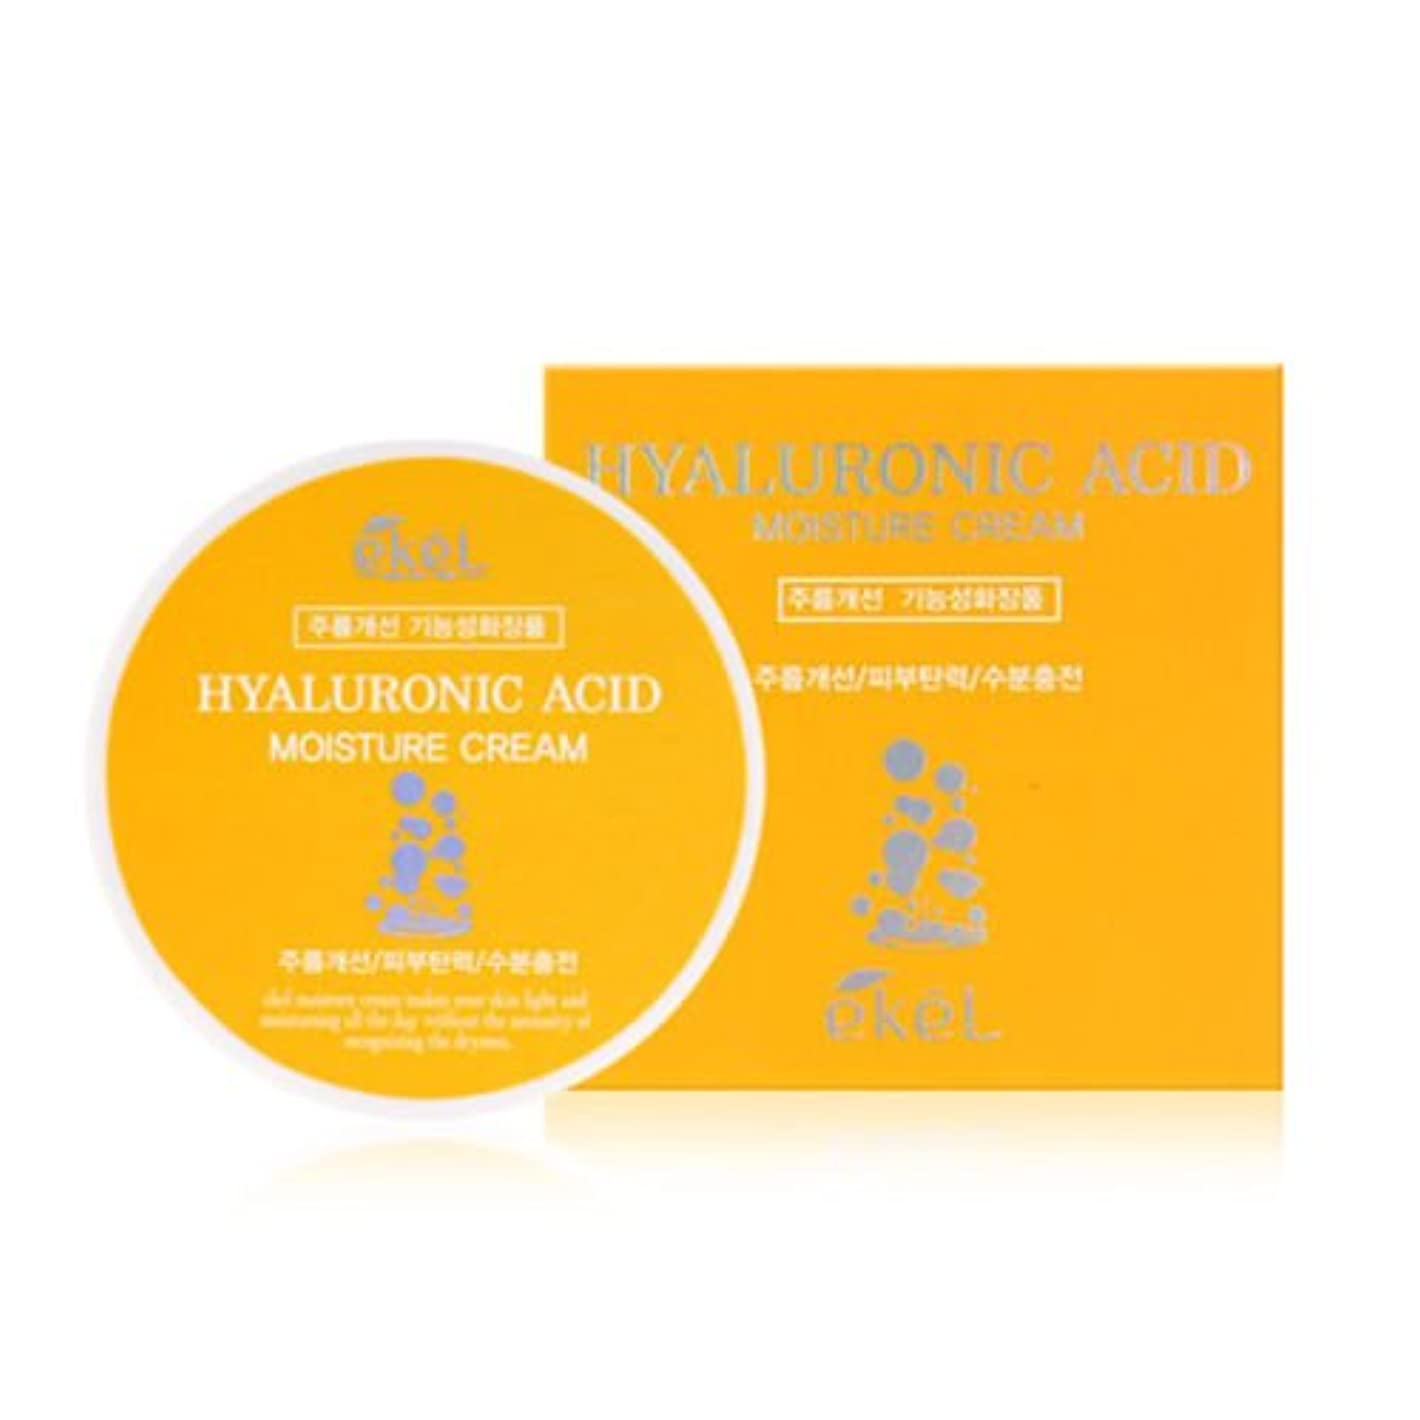 一次カップ半球イケル[韓国コスメEkel]Hyaluronic acid Moisture Cream ヒアルロン酸モイスチャークリーム100g [並行輸入品]